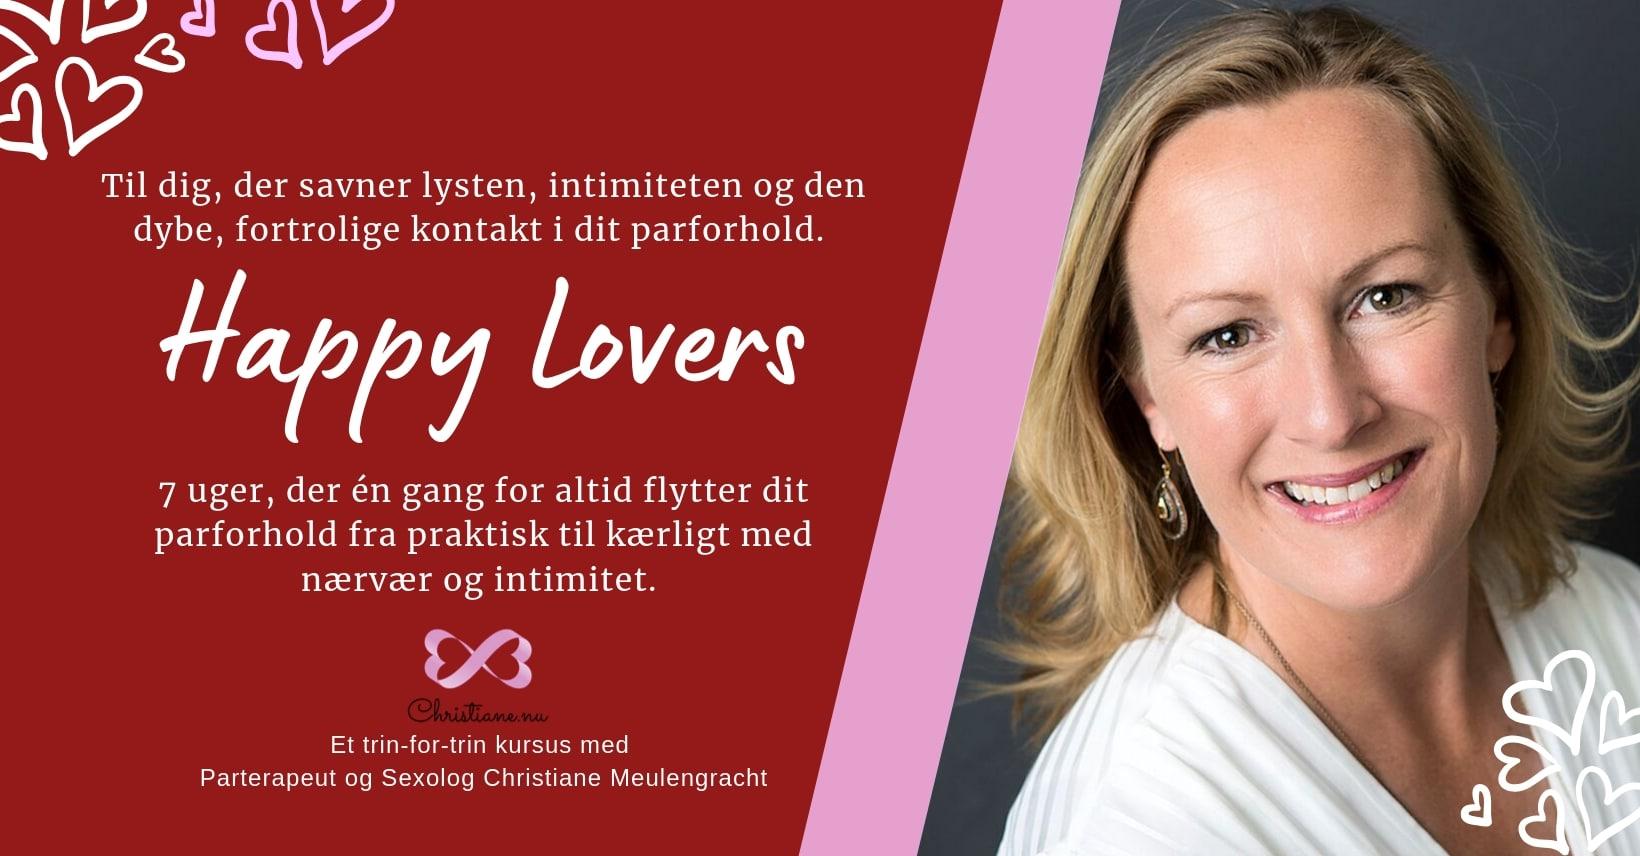 Happy lovers er for dig der vil have lidenskab - parterapeut Christiane Meulengracht